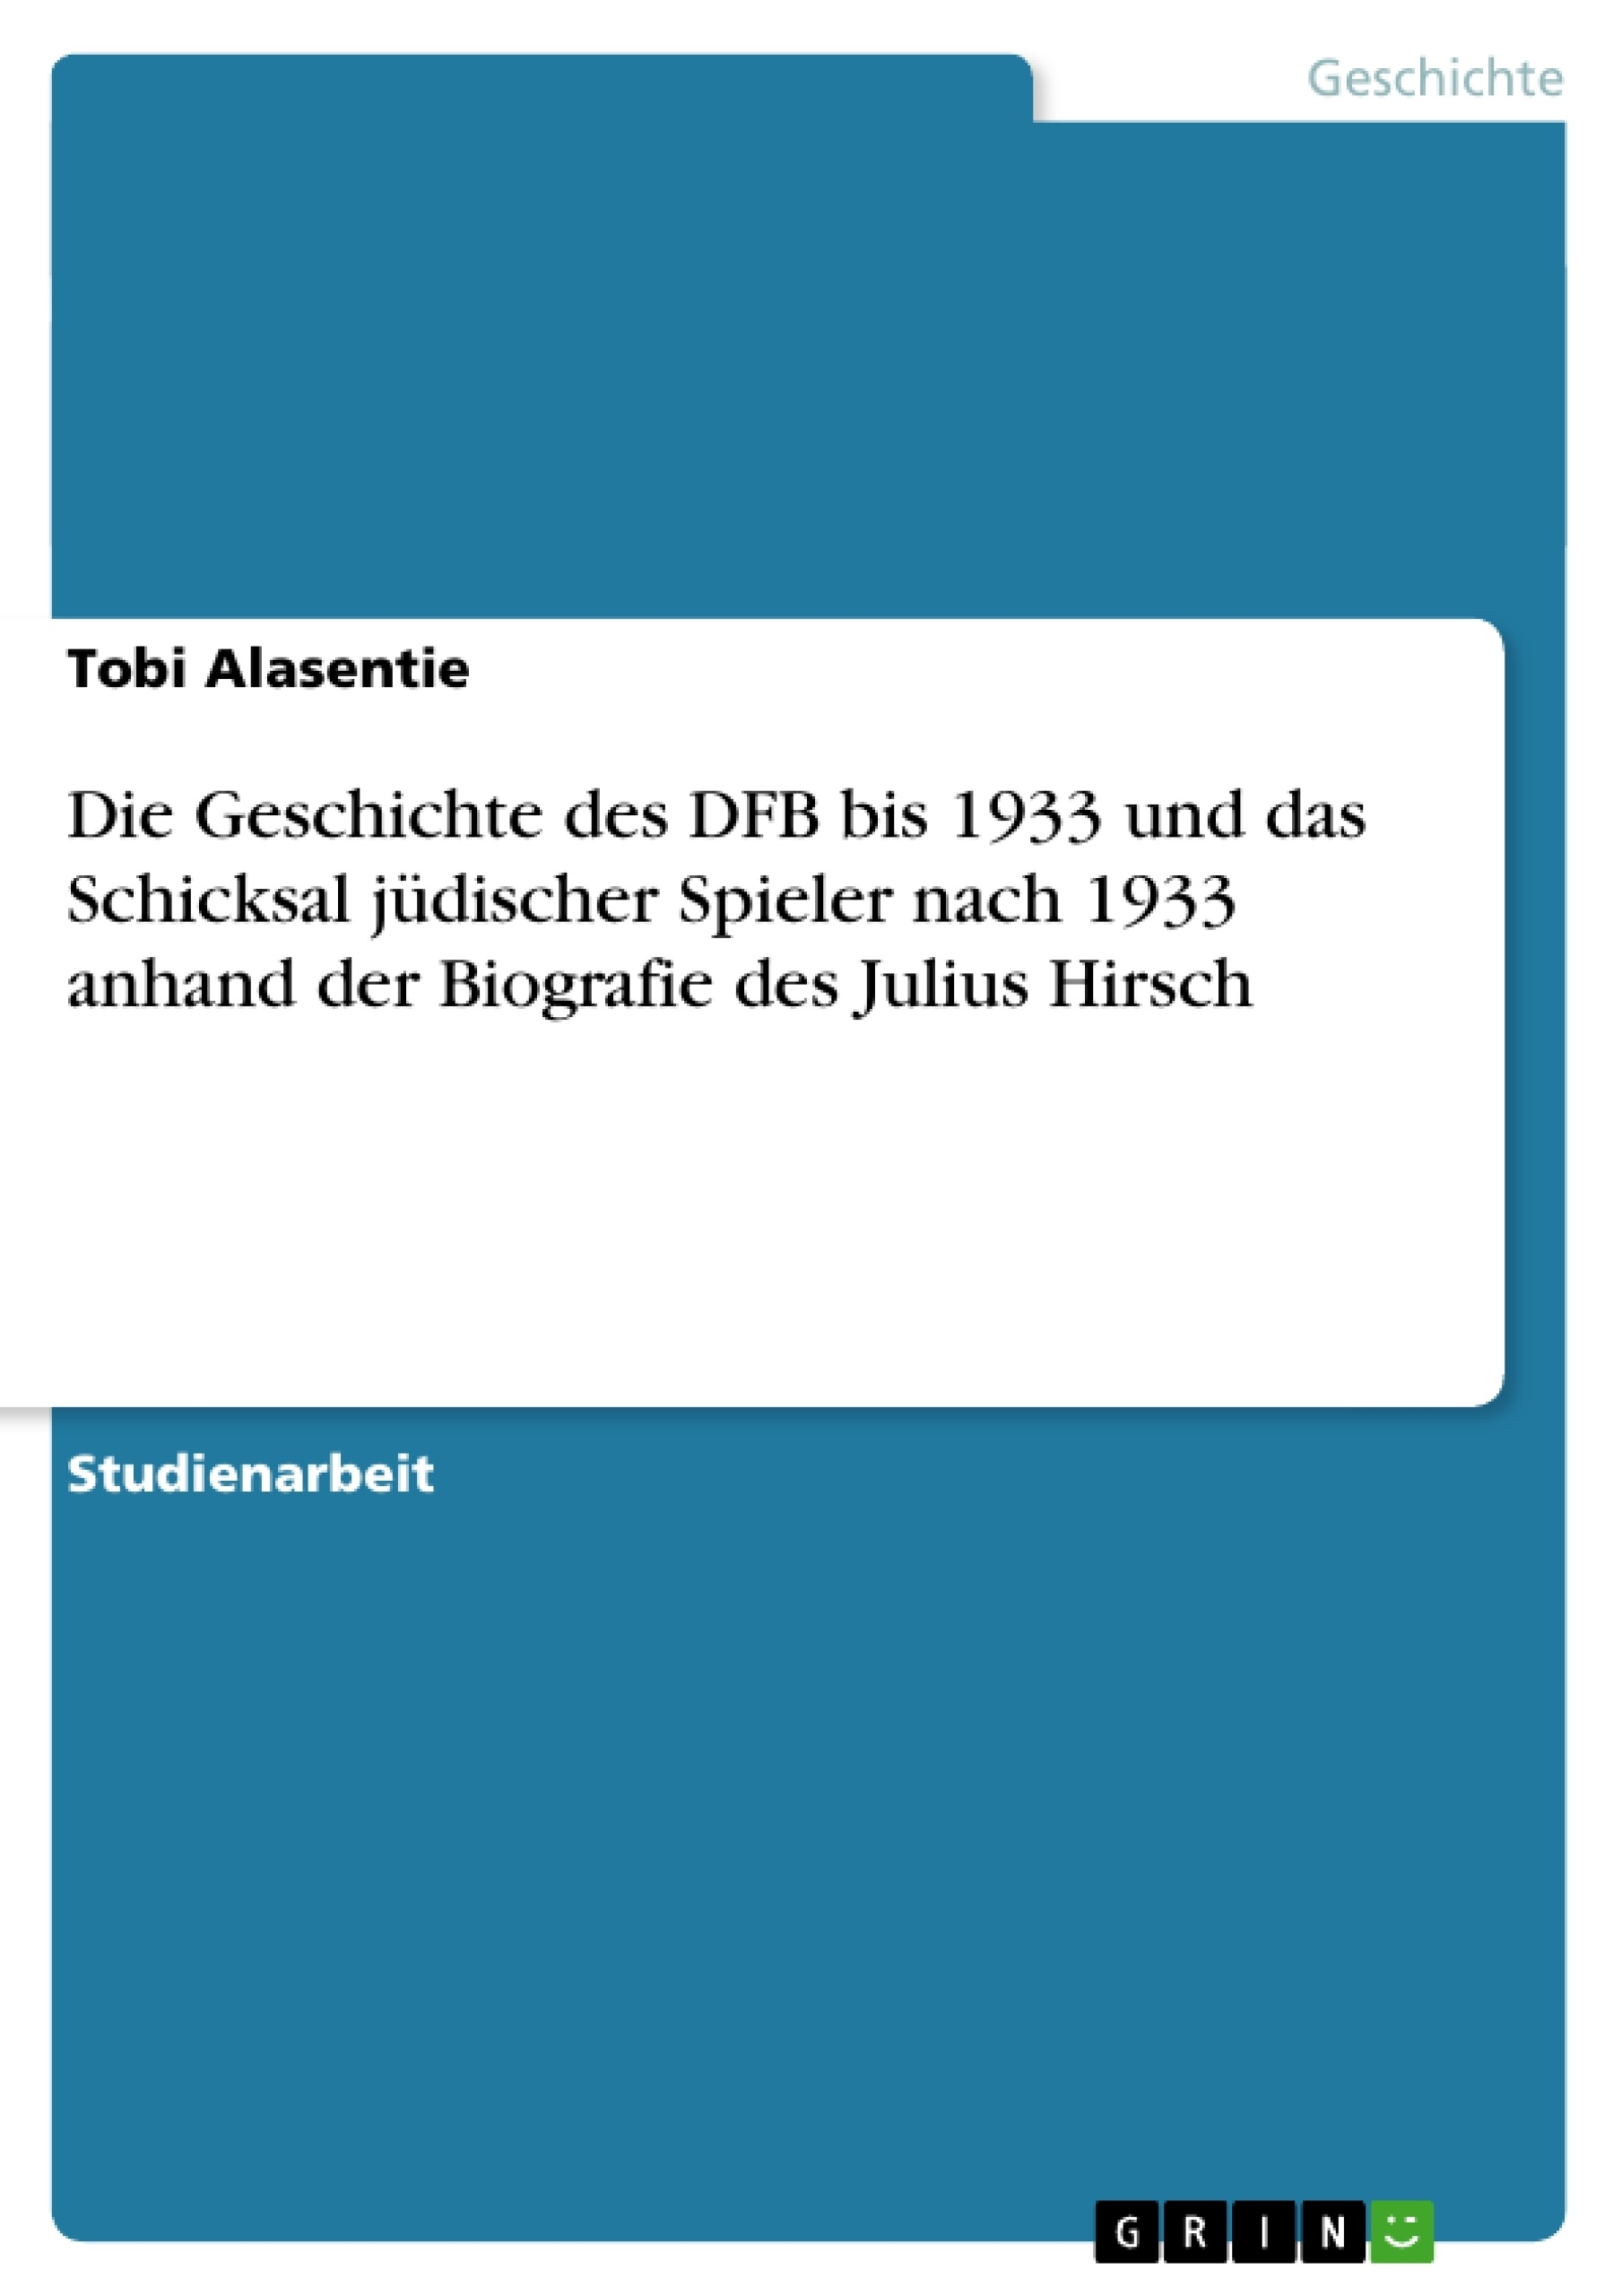 Titel: Die Geschichte des DFB bis 1933 und das Schicksal jüdischer Spieler nach 1933 anhand der Biografie des Julius Hirsch